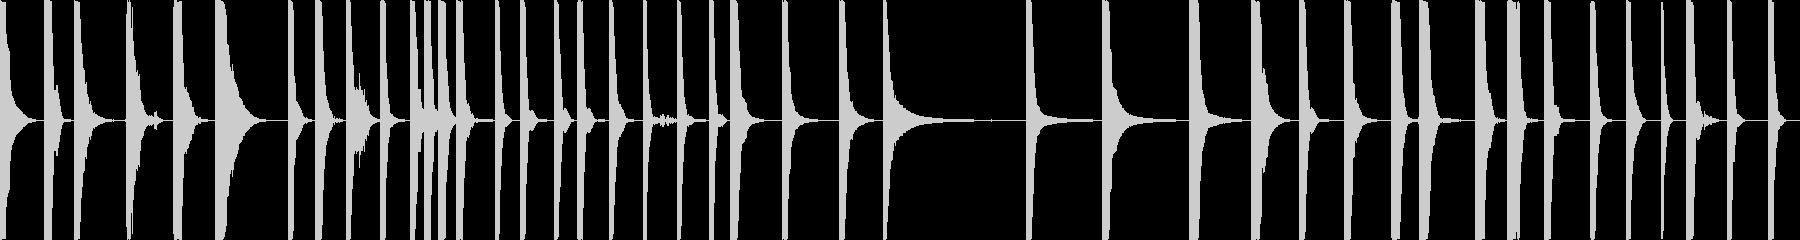 さまざまなハードメタルヒット、継続...の未再生の波形